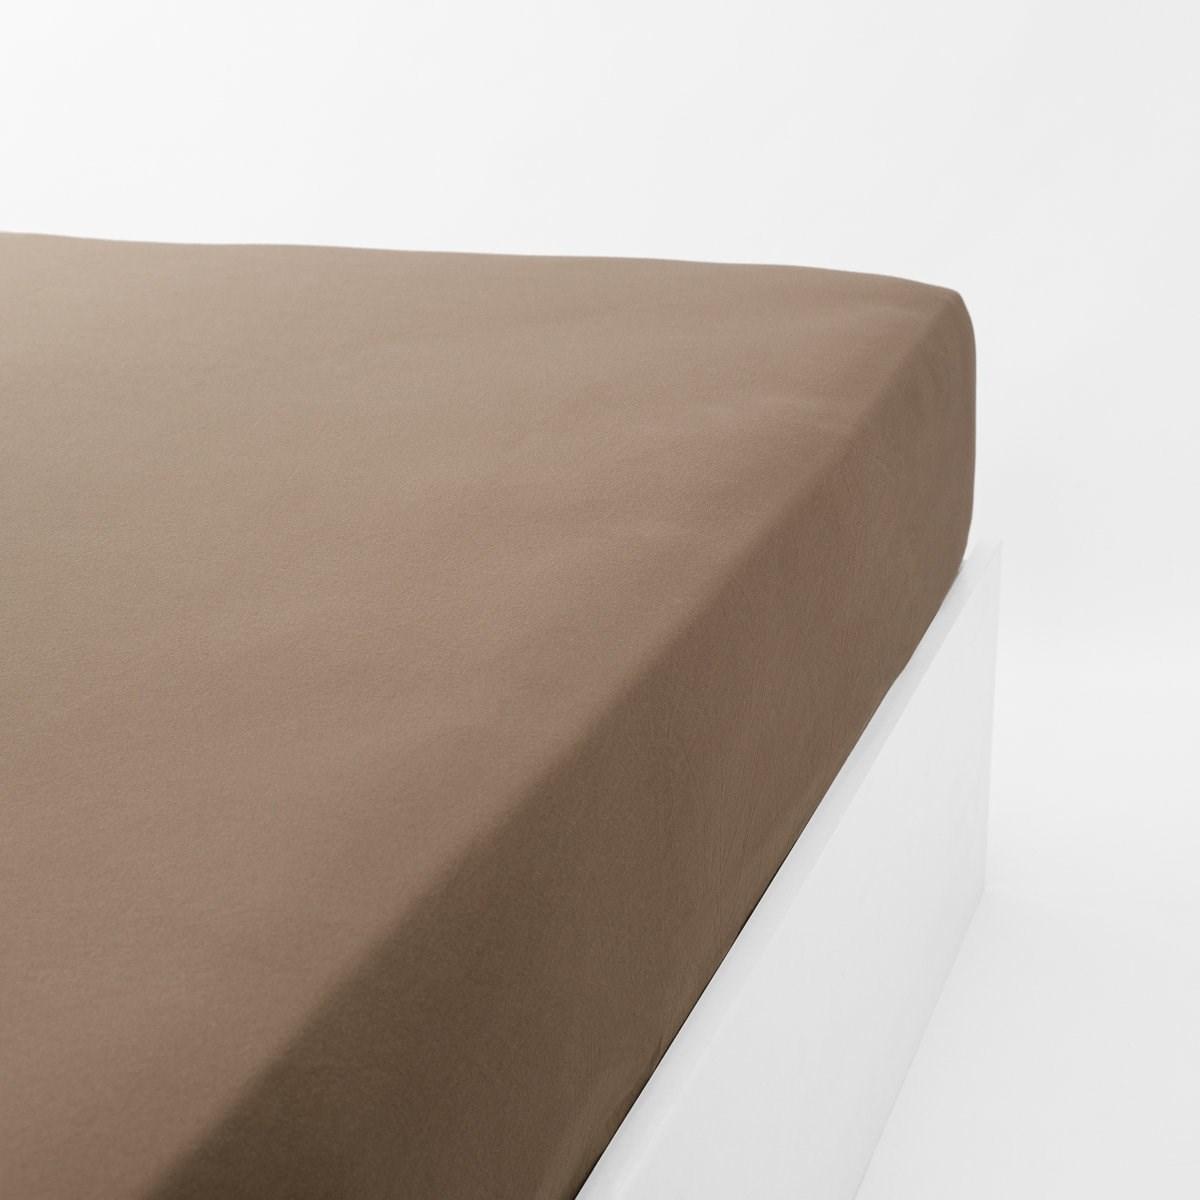 Drap housse jersey extensible en coton marron 90x200 cm